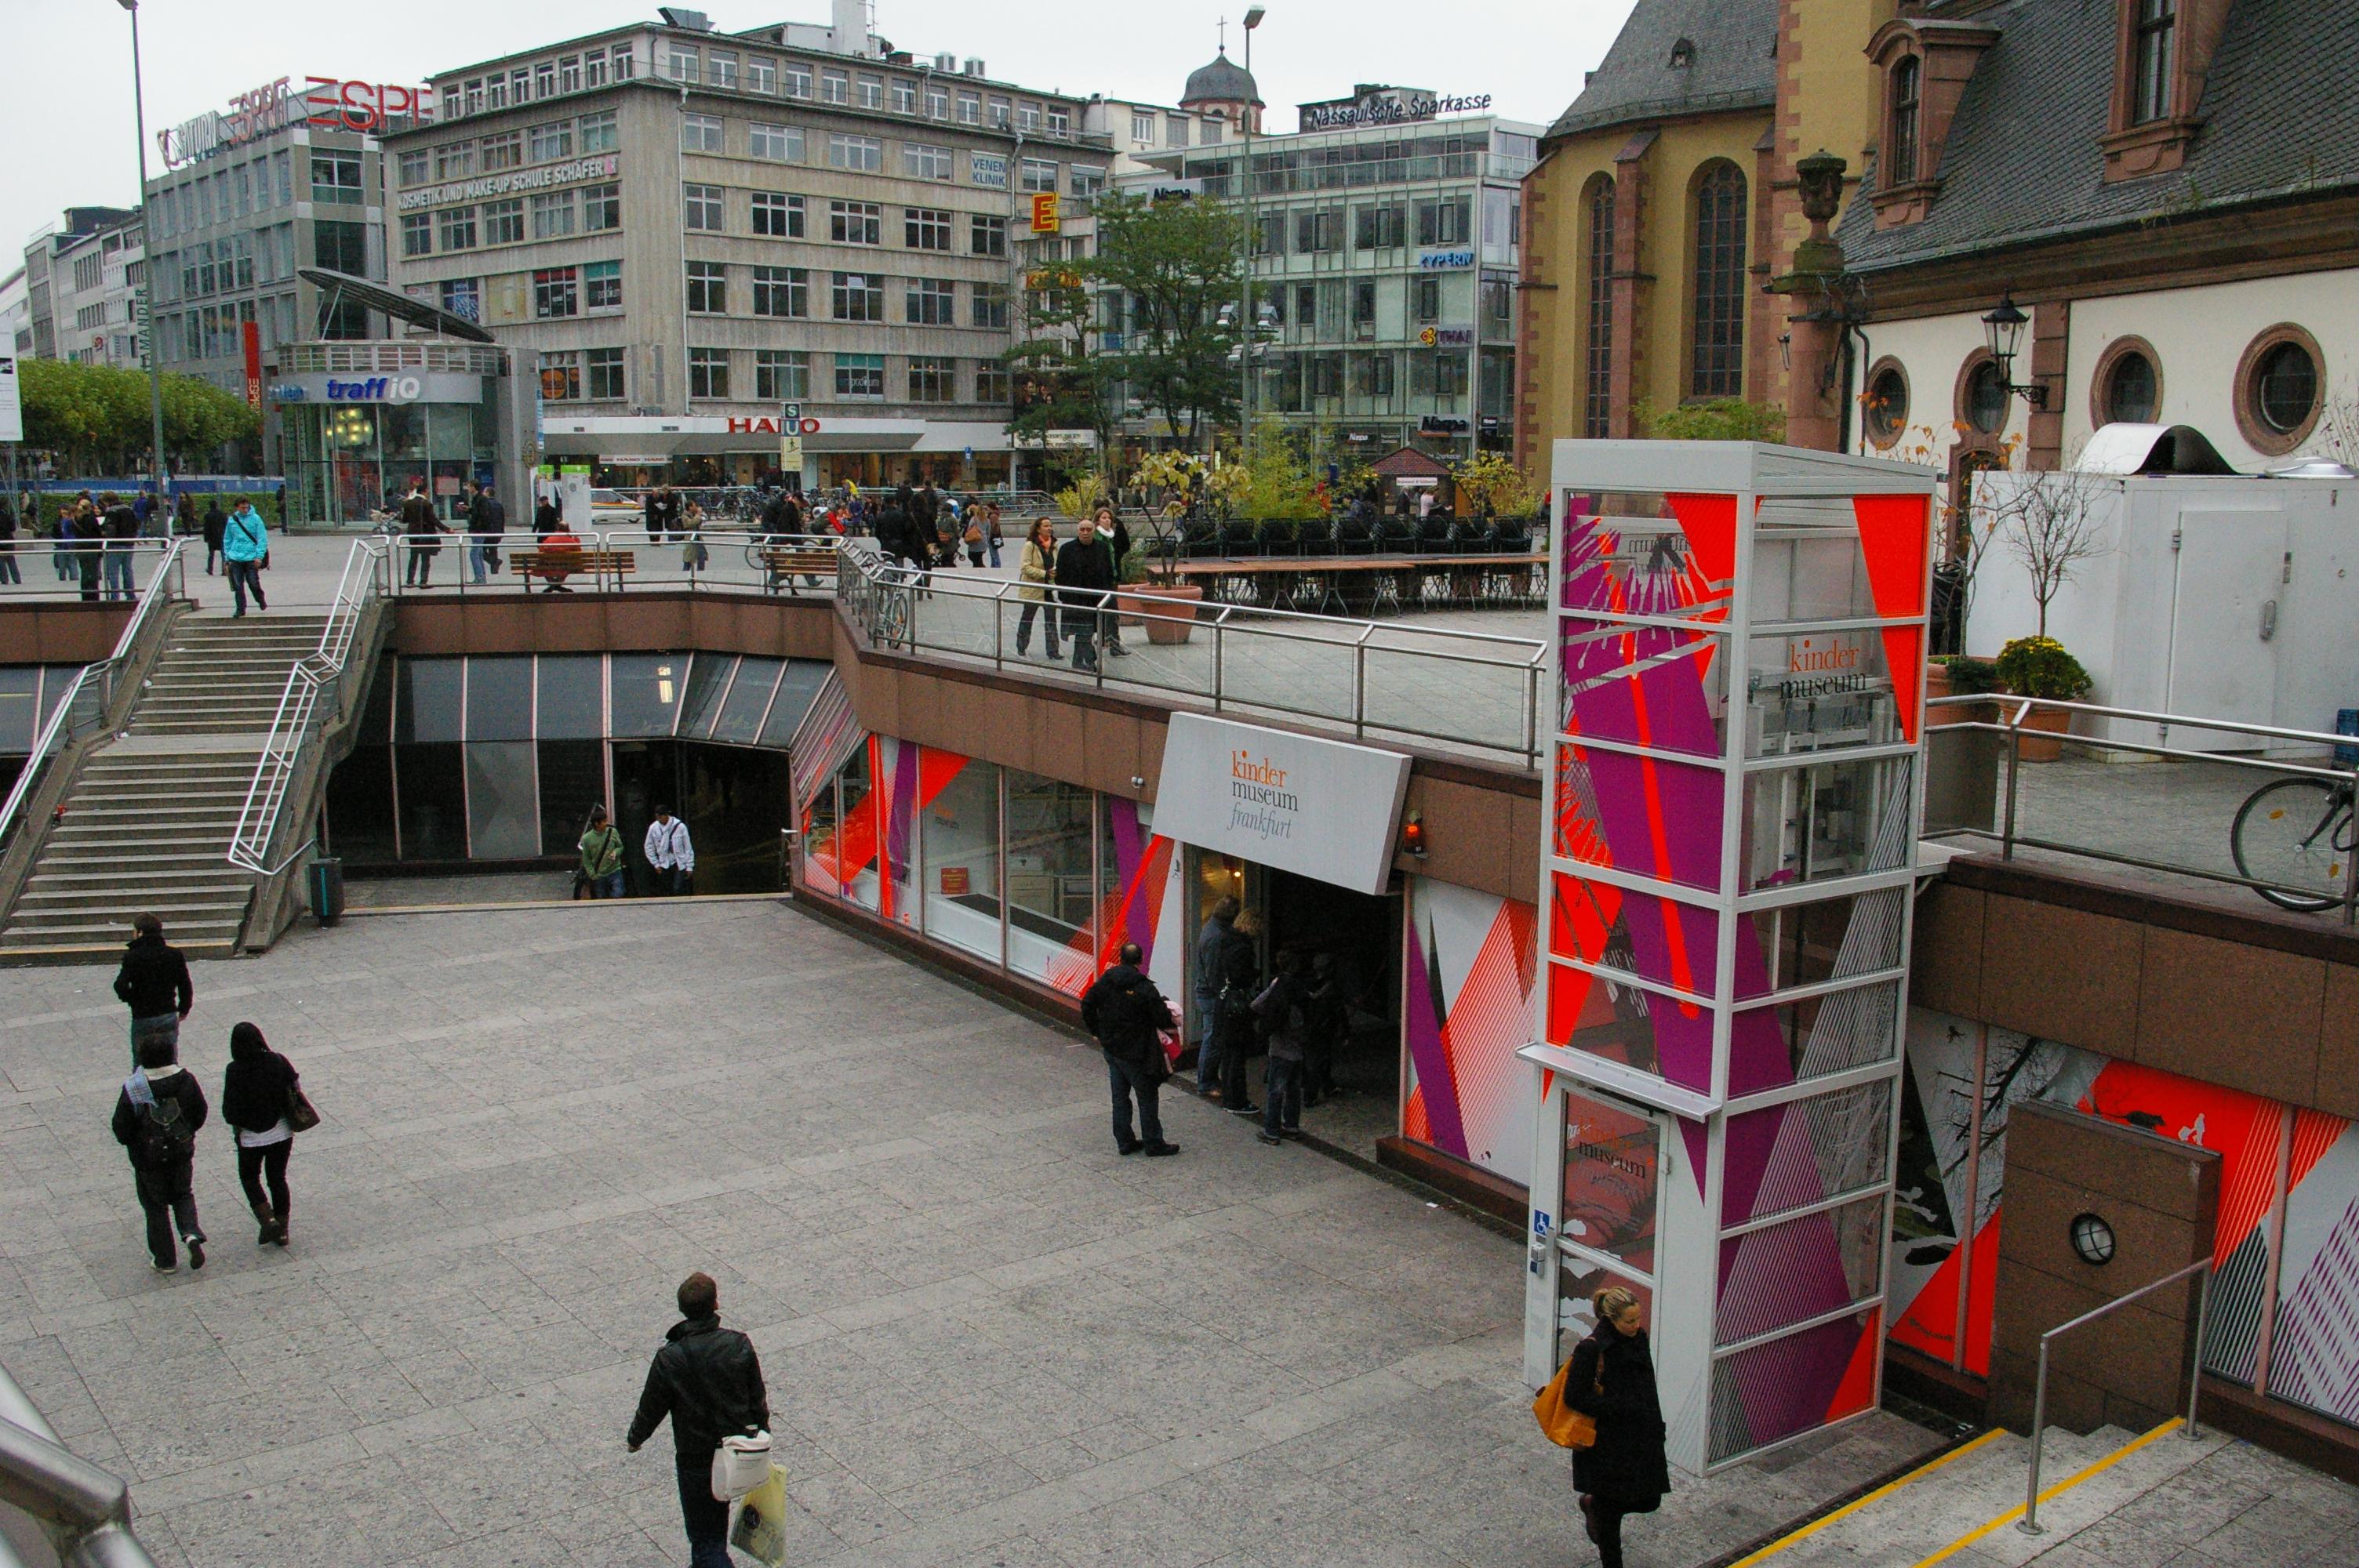 willkommen im kinder museum frankfurt. Black Bedroom Furniture Sets. Home Design Ideas